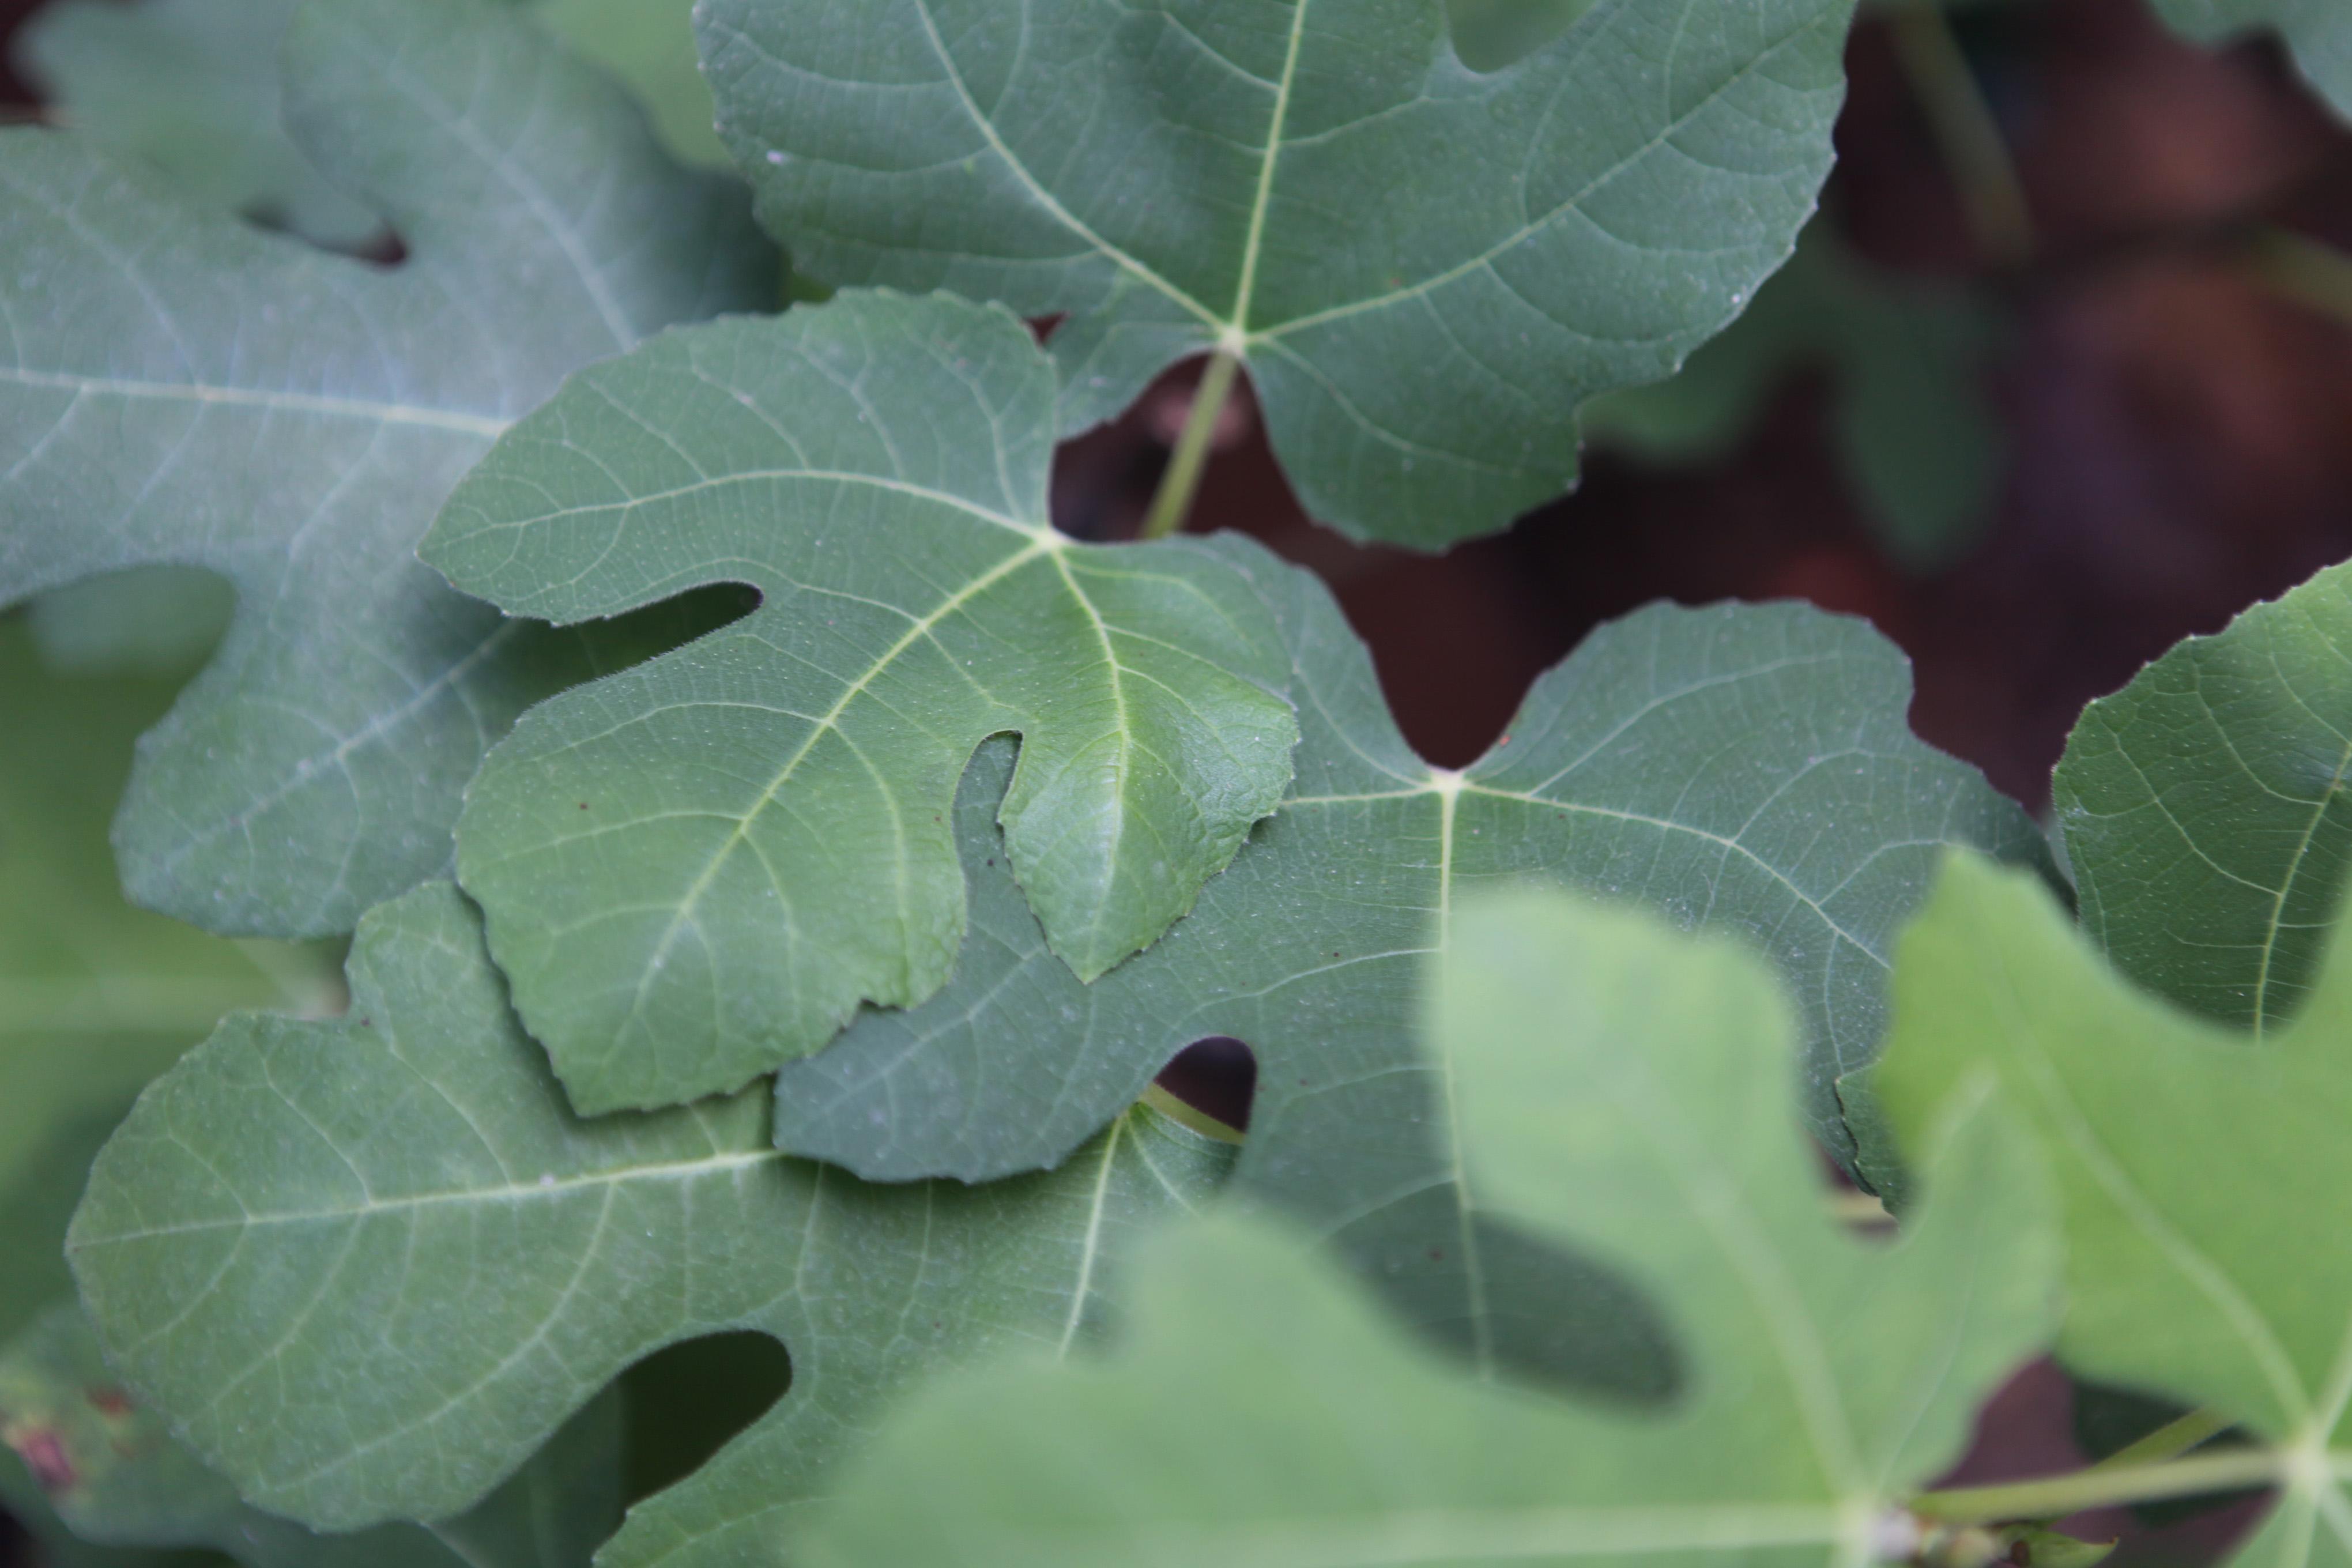 Homemade organic pesticide for fruit trees home guides sf gate - Homemade organic pesticides ...